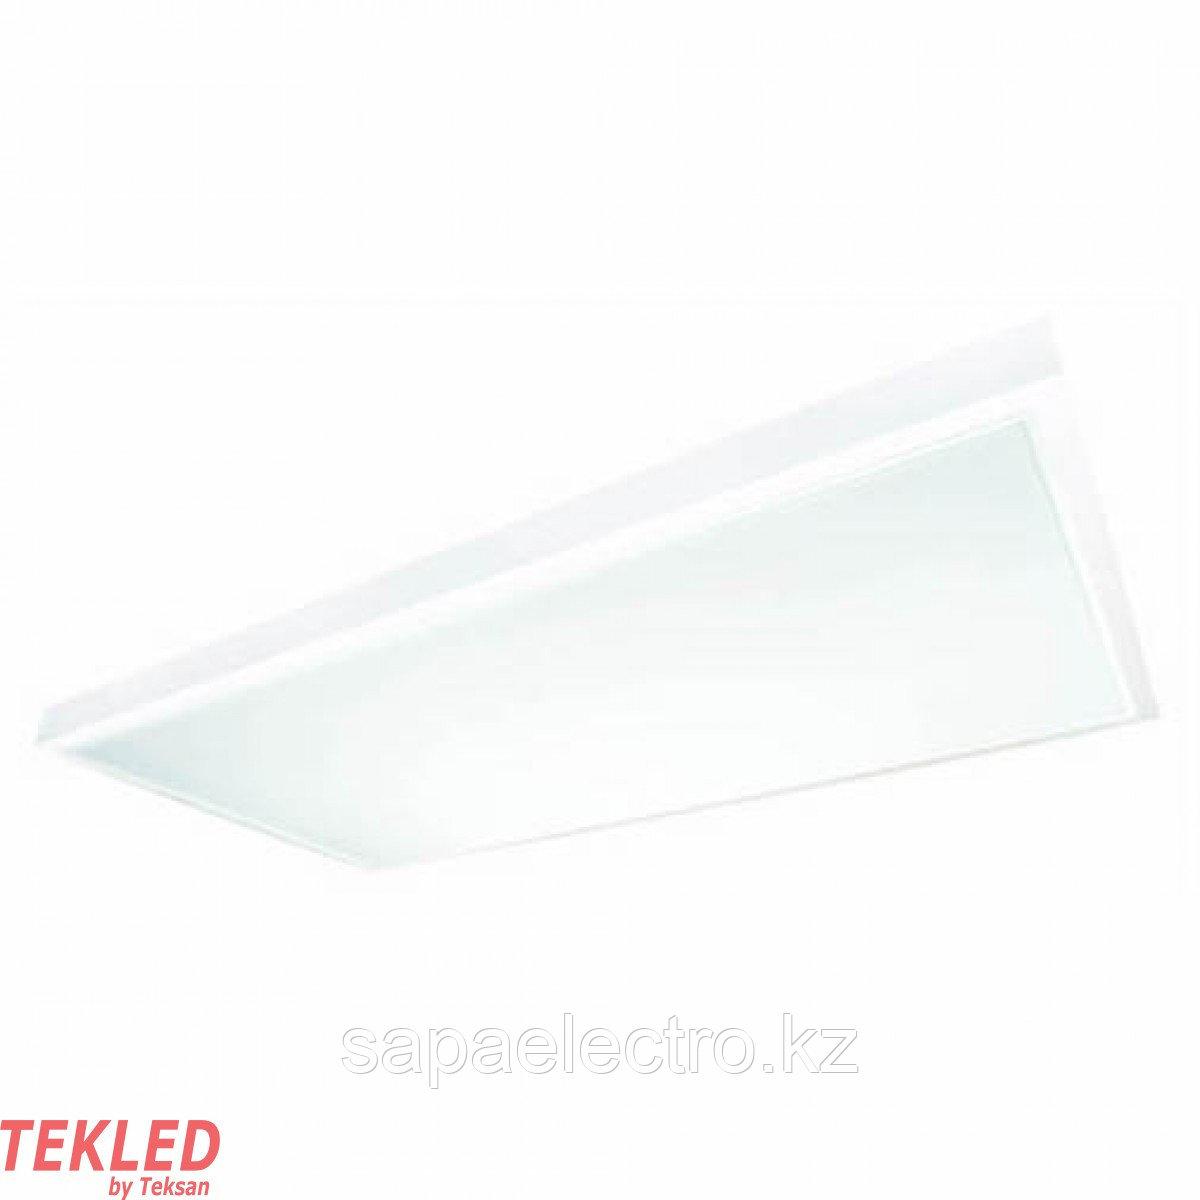 Св-к OPALLED 12X9W/LZN 436 MODERNA накл-й MEGALUX